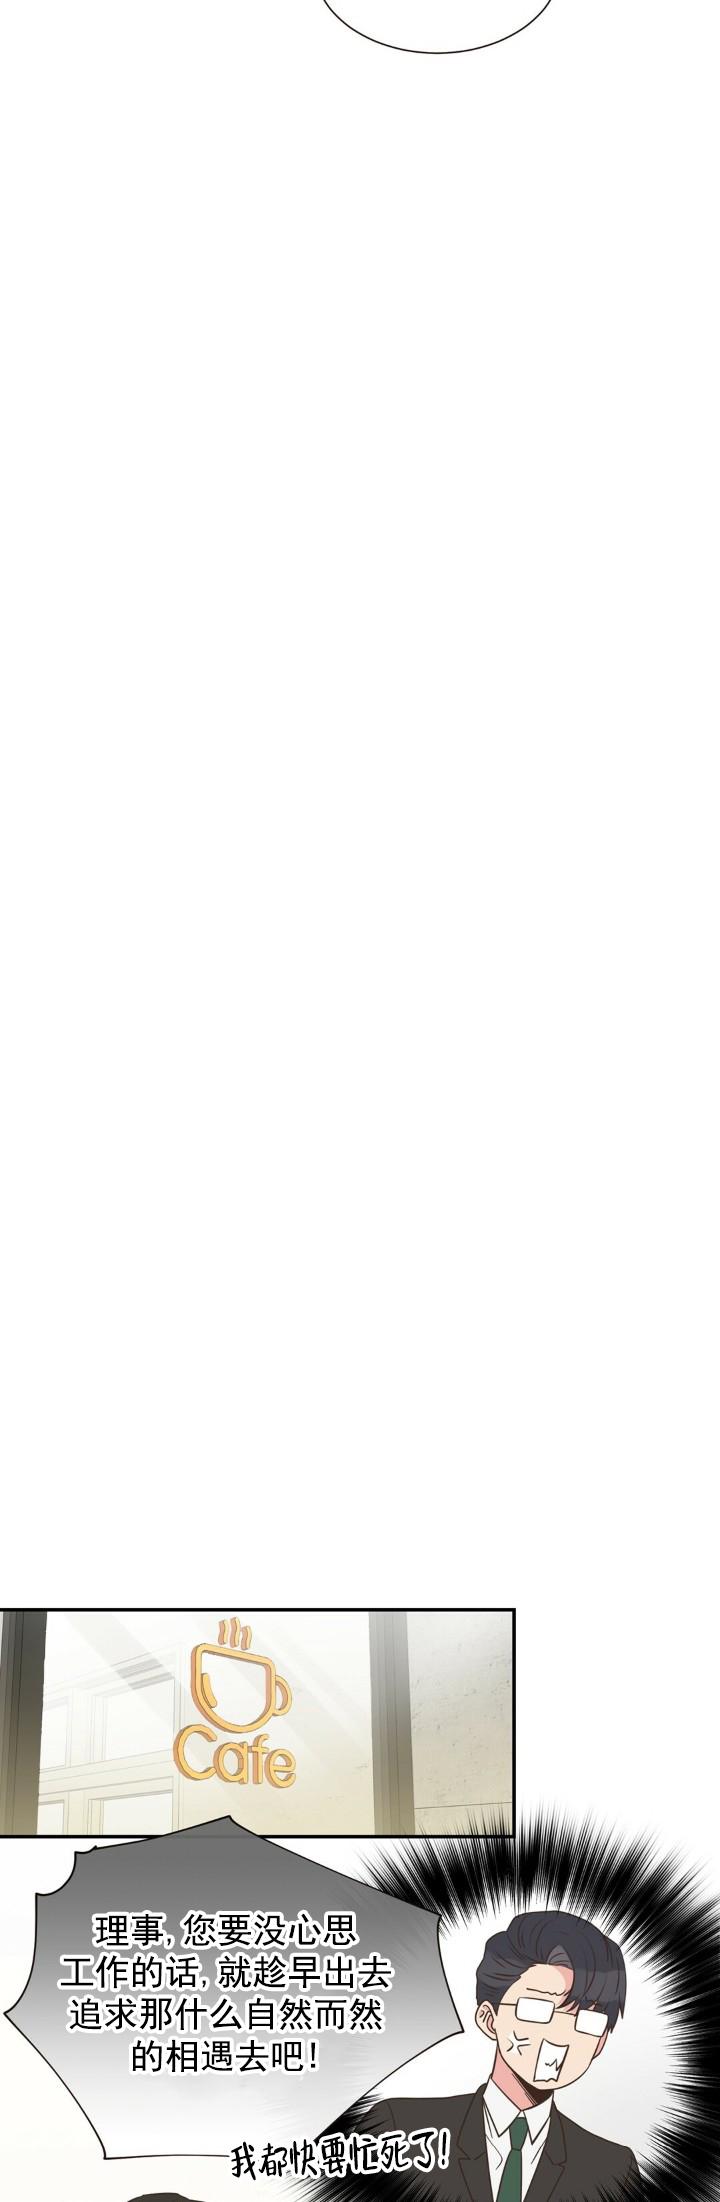 韩漫 |《脱单大作战》当恋爱小白遇上命中注定~甜心太可爱!  第13张